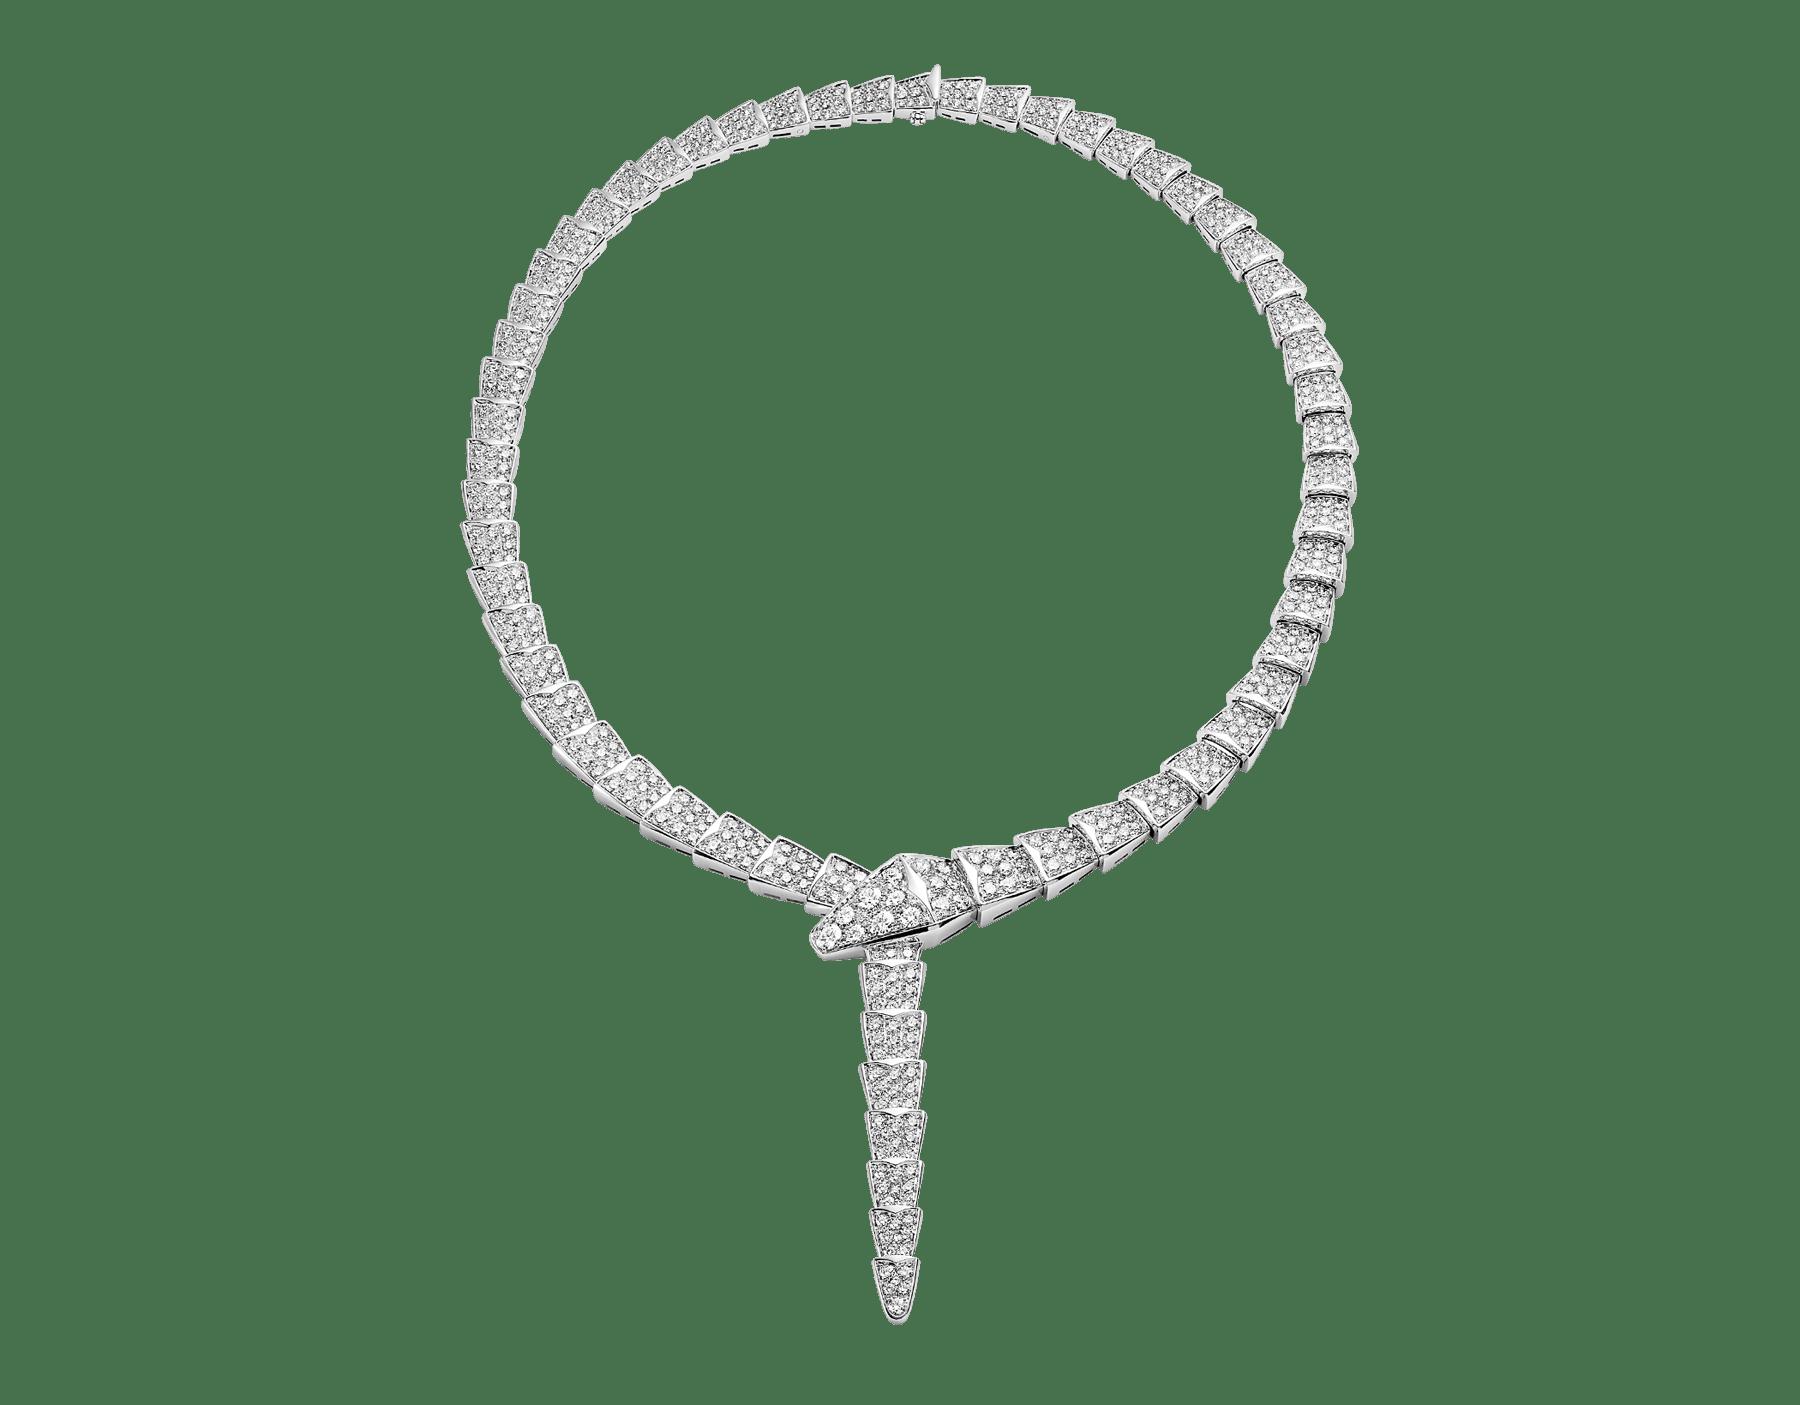 Collier Serpenti en or blanc 18K avec pavé diamants. 348165 image 1